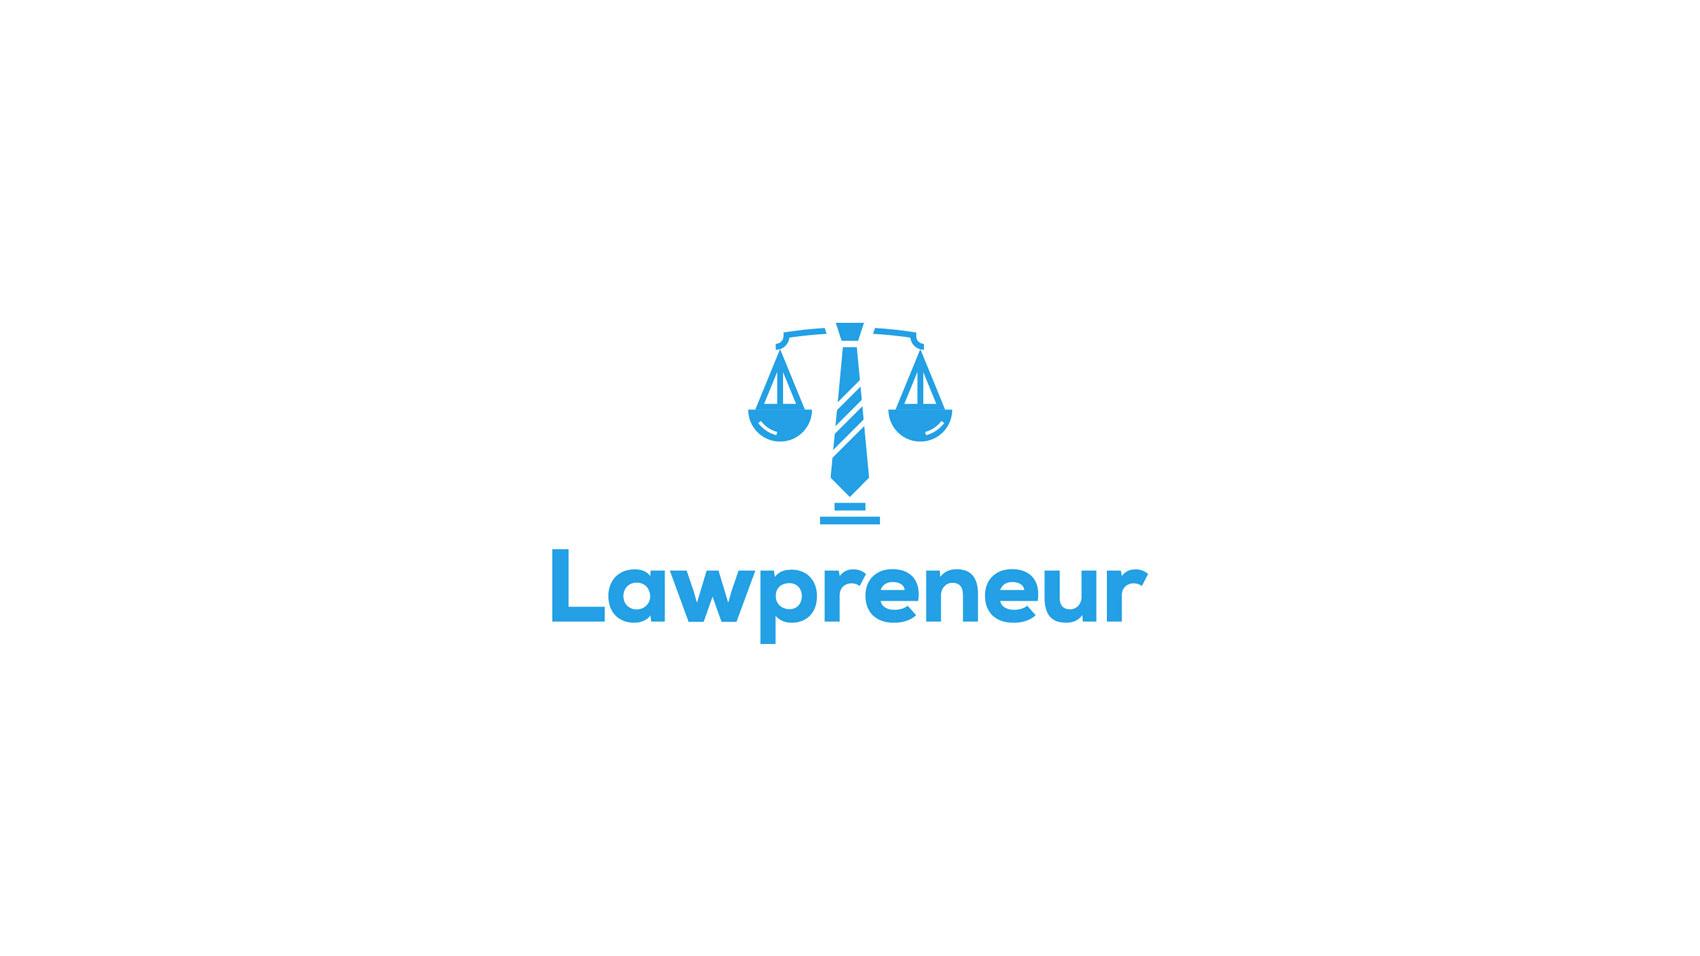 Lawpreneur logo design